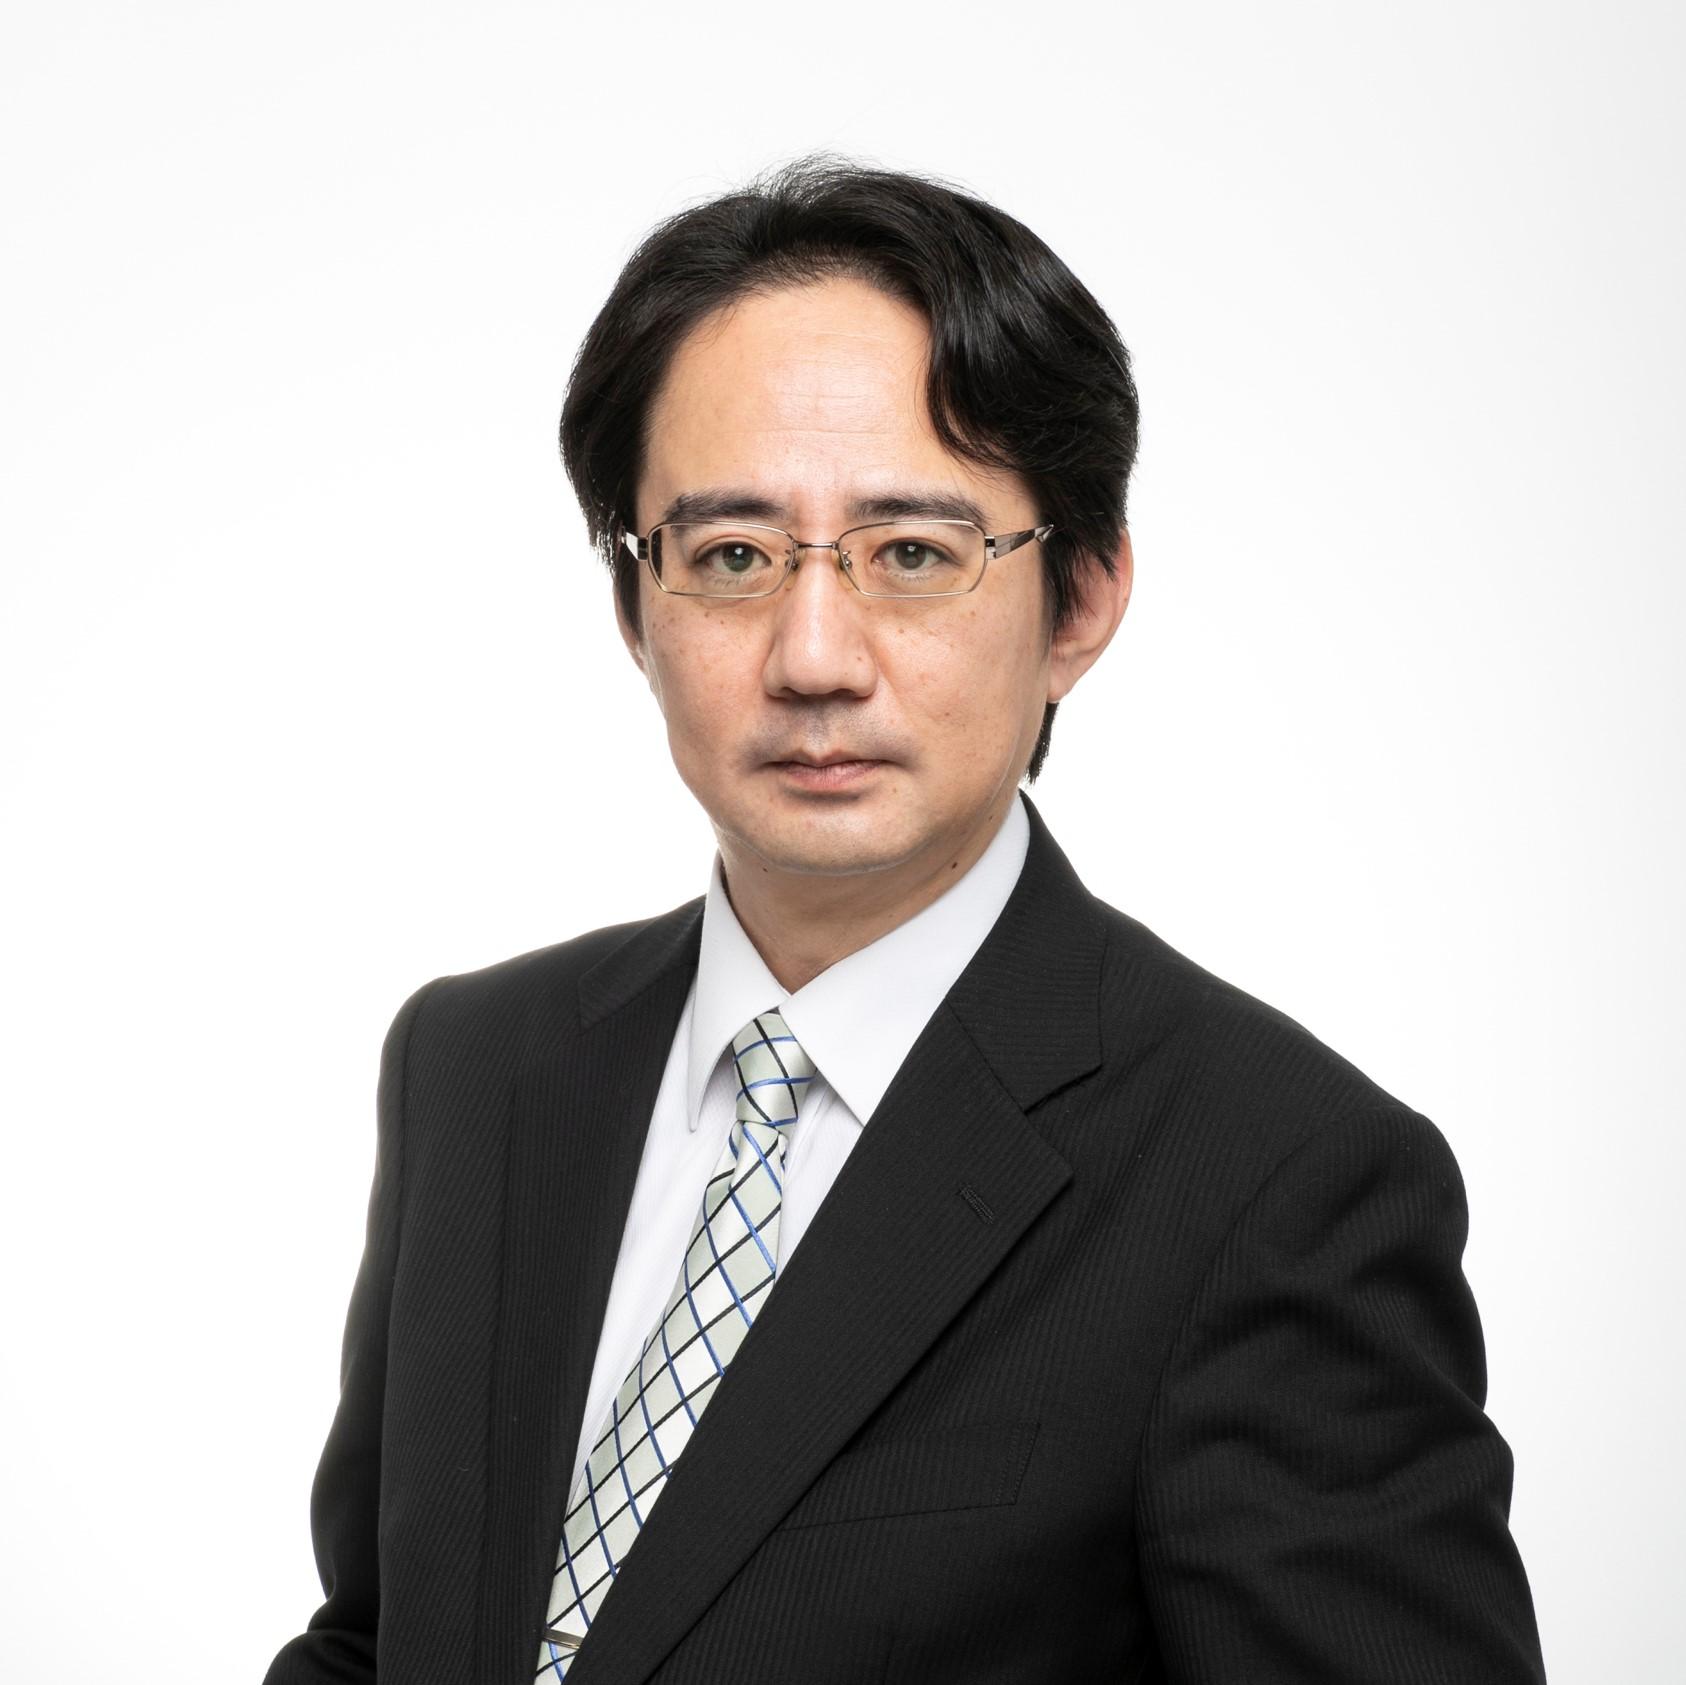 Tomoo Saito